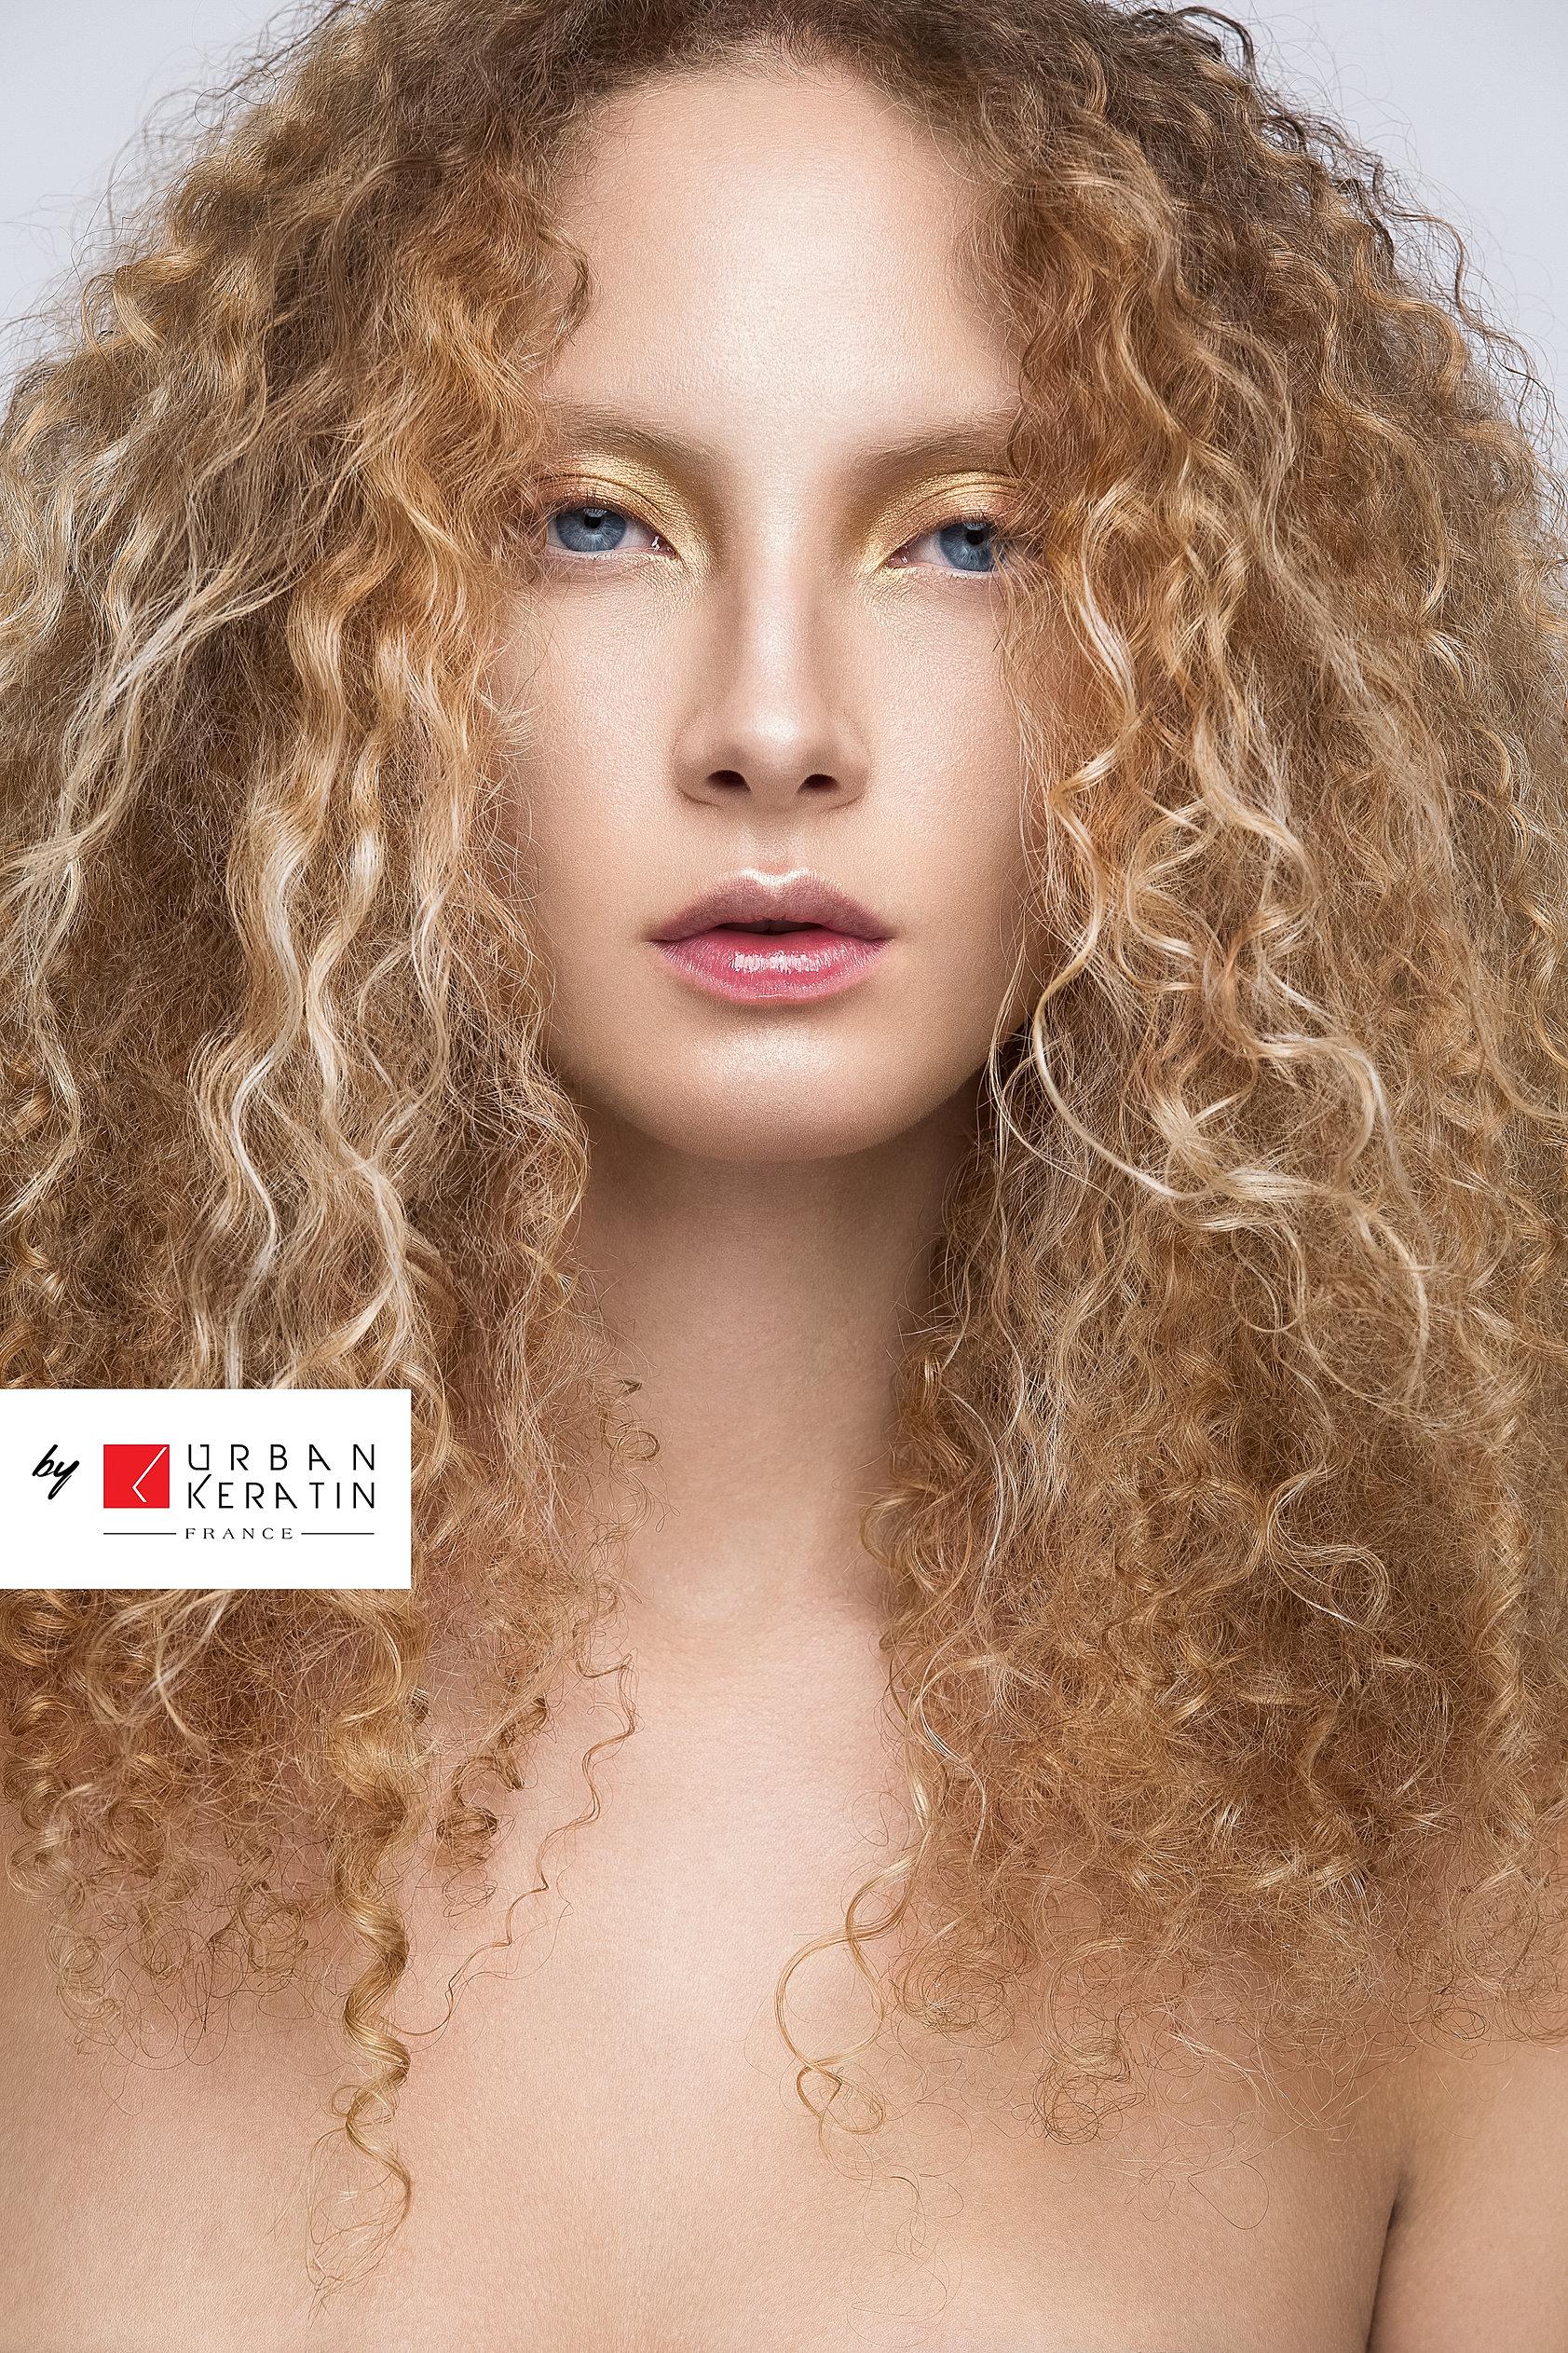 Pascal LATIL Photographe Coiffure - Mode & Beauté | Urban Keratin